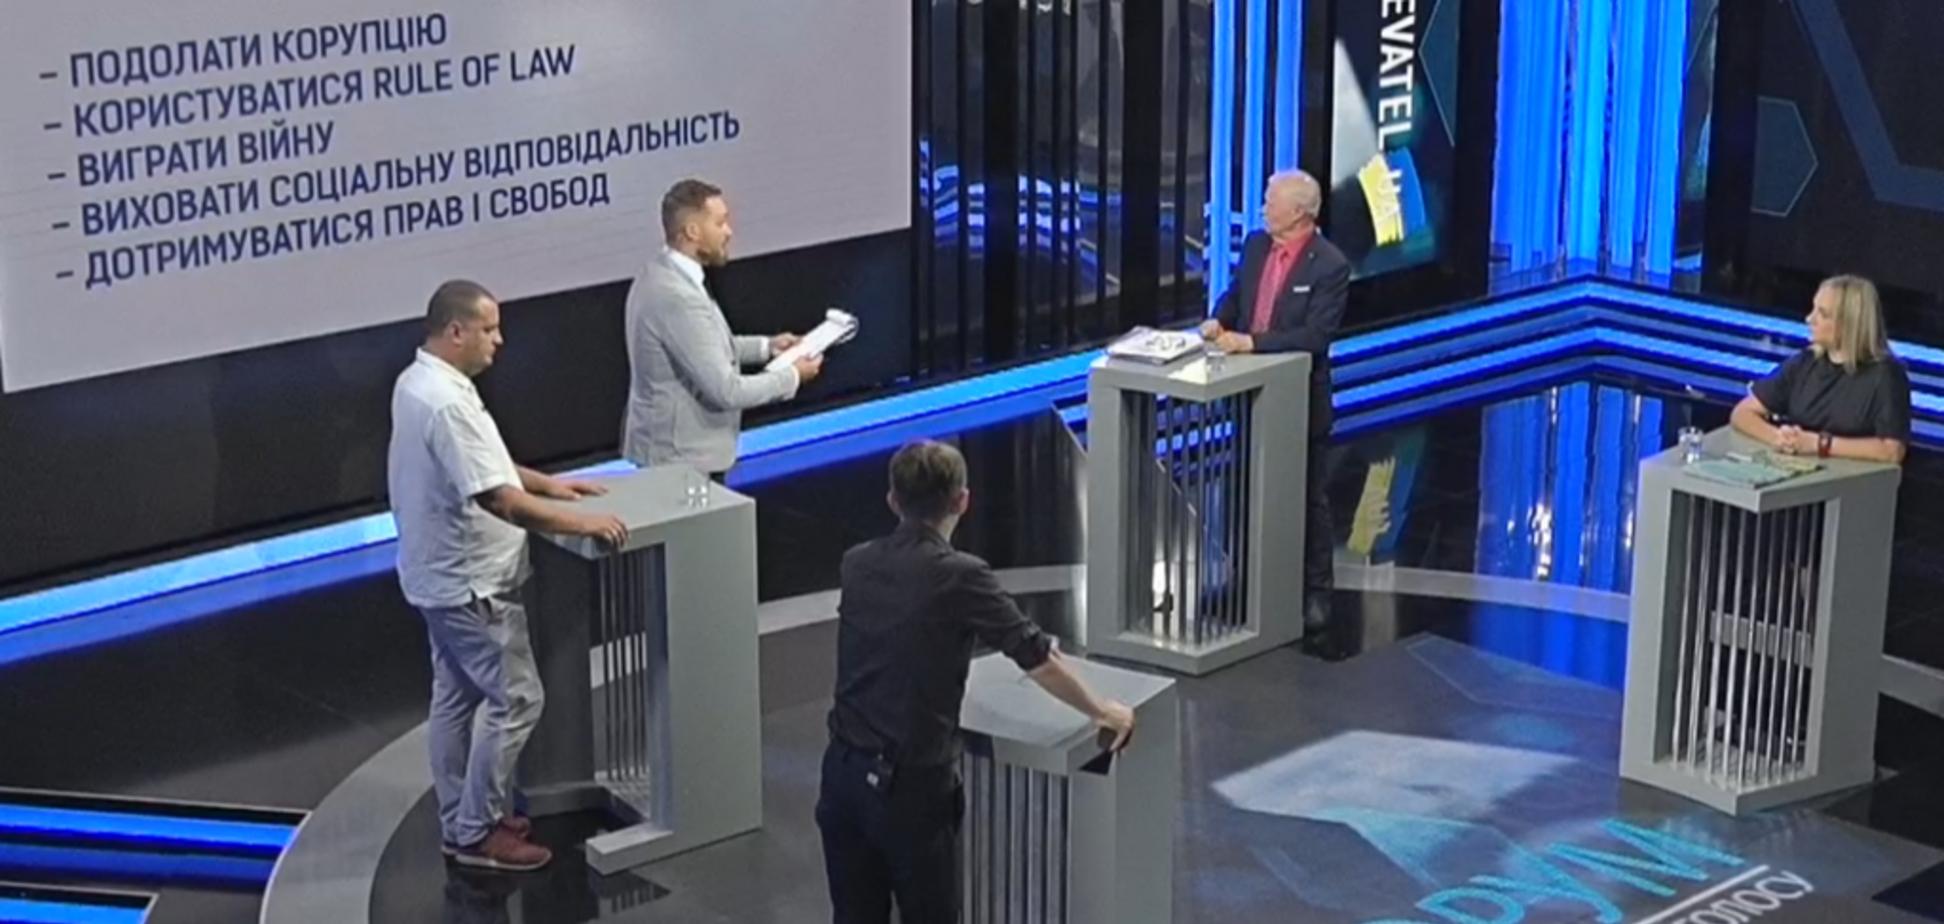 Независимость украинцев: Украина - это Европа | Кворум ч. 4: